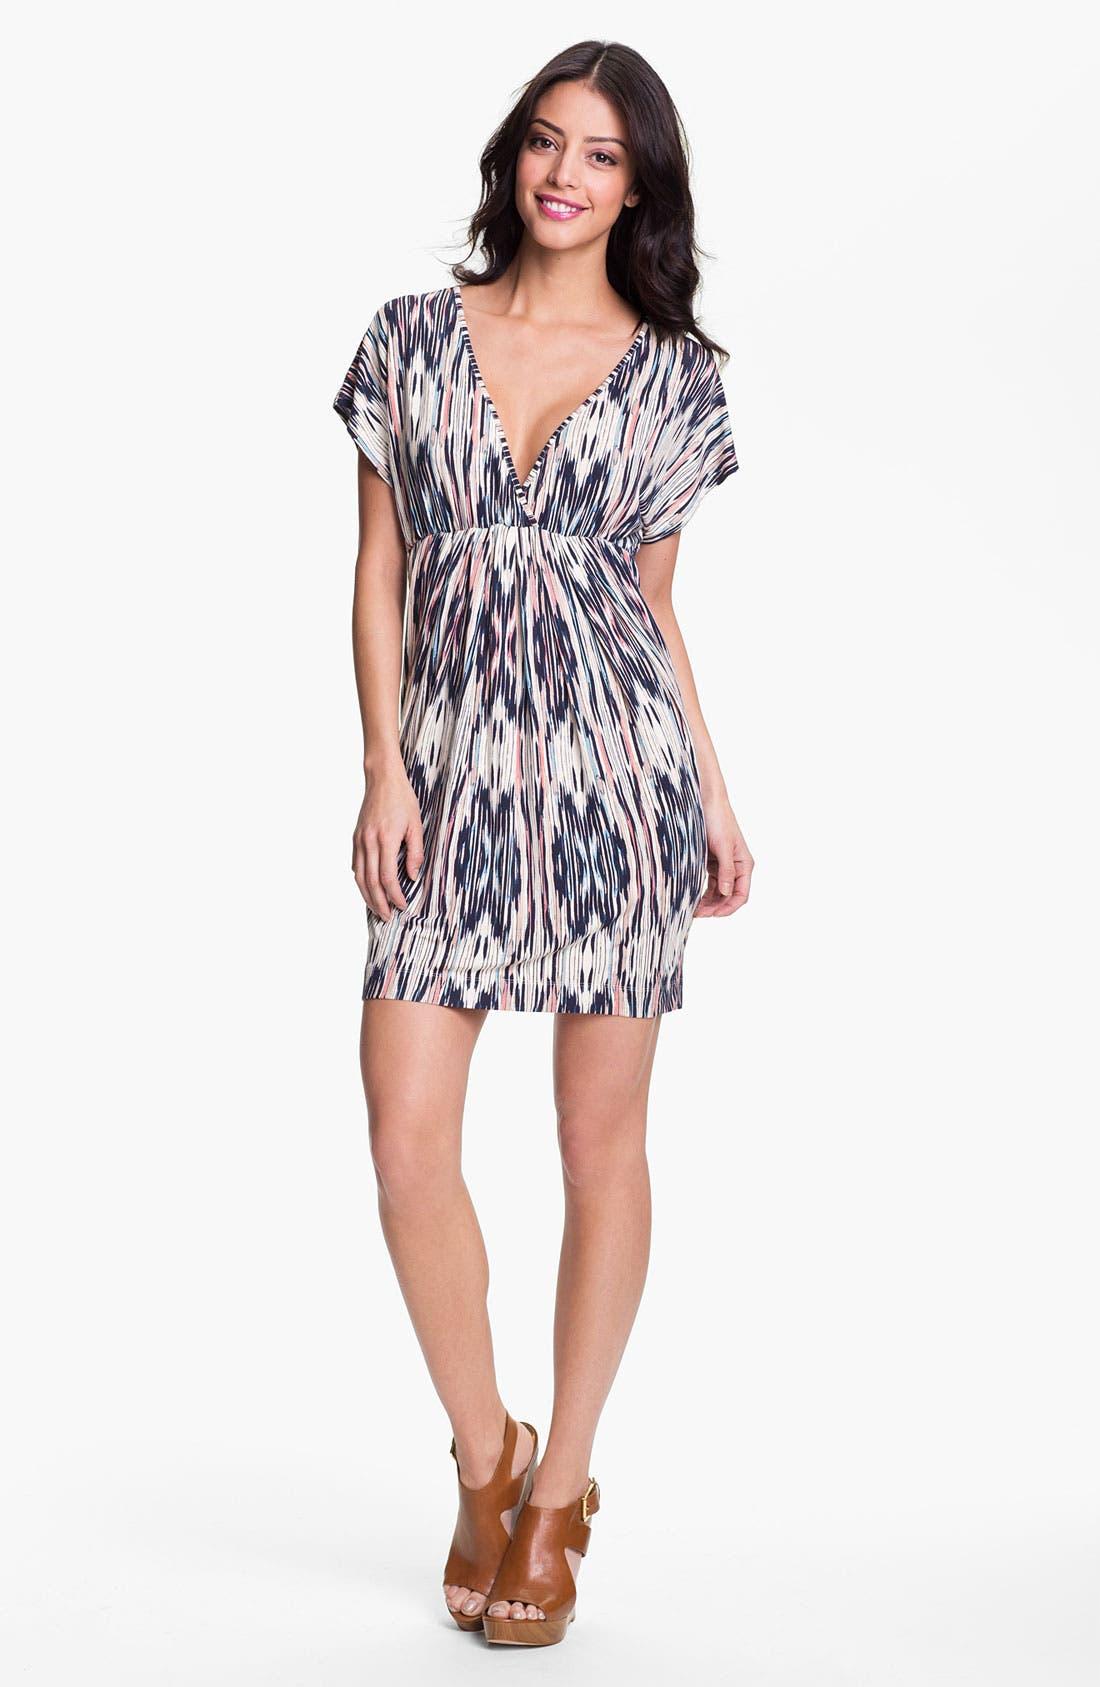 Alternate Image 1 Selected - Tart 'Reese' Print V-Neck Dress